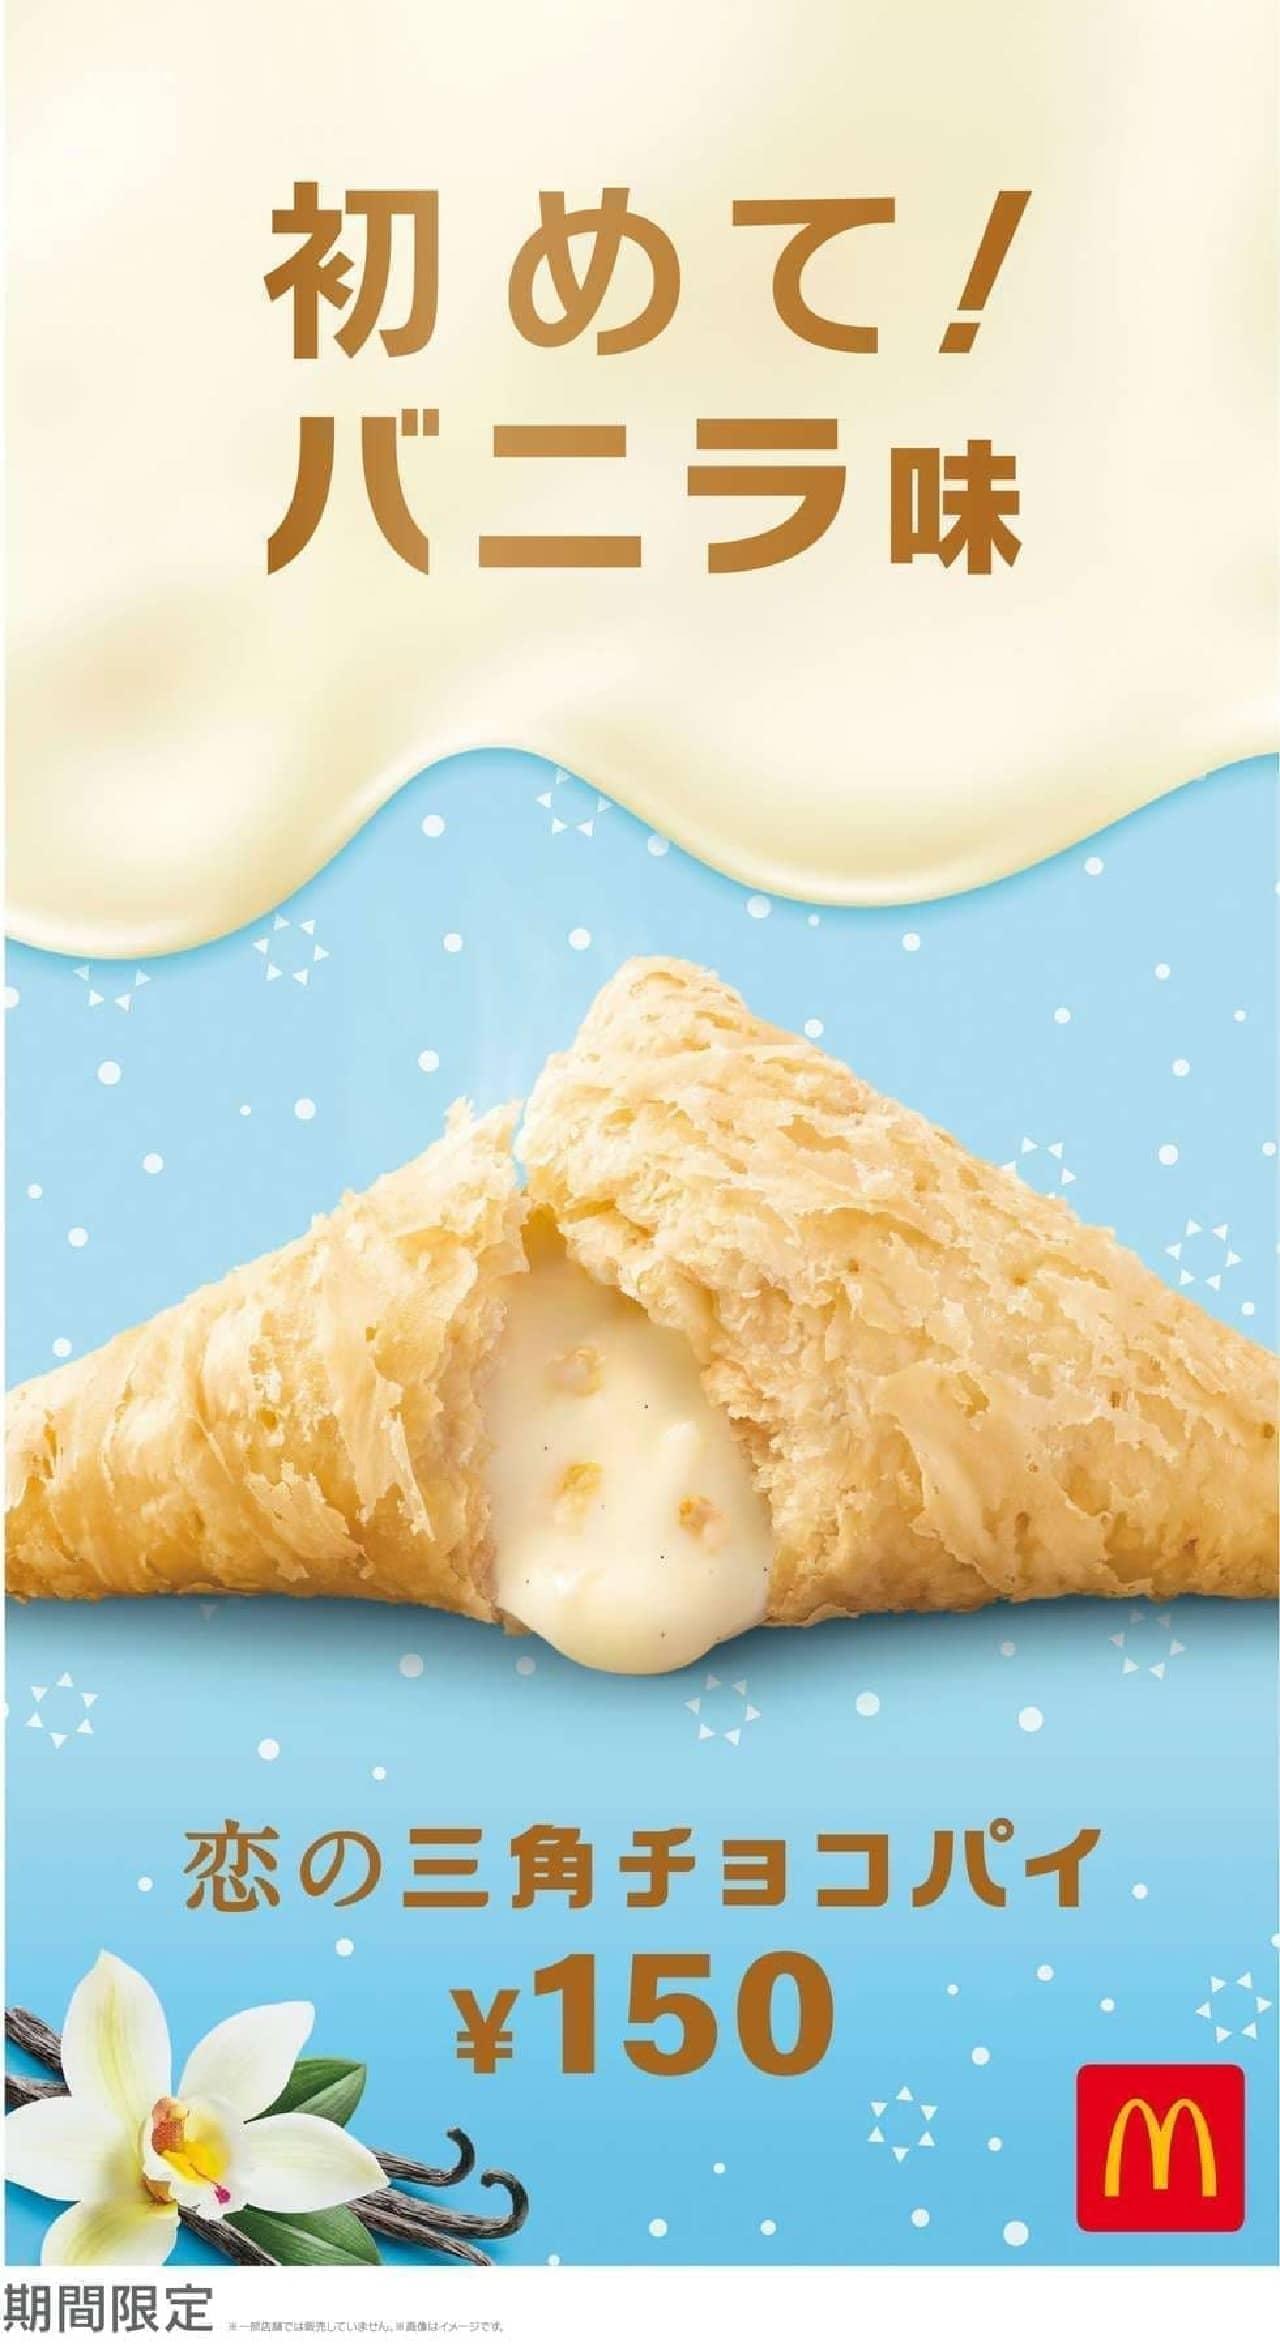 マクドナルド「恋の三角チョコパイ バニラ味」